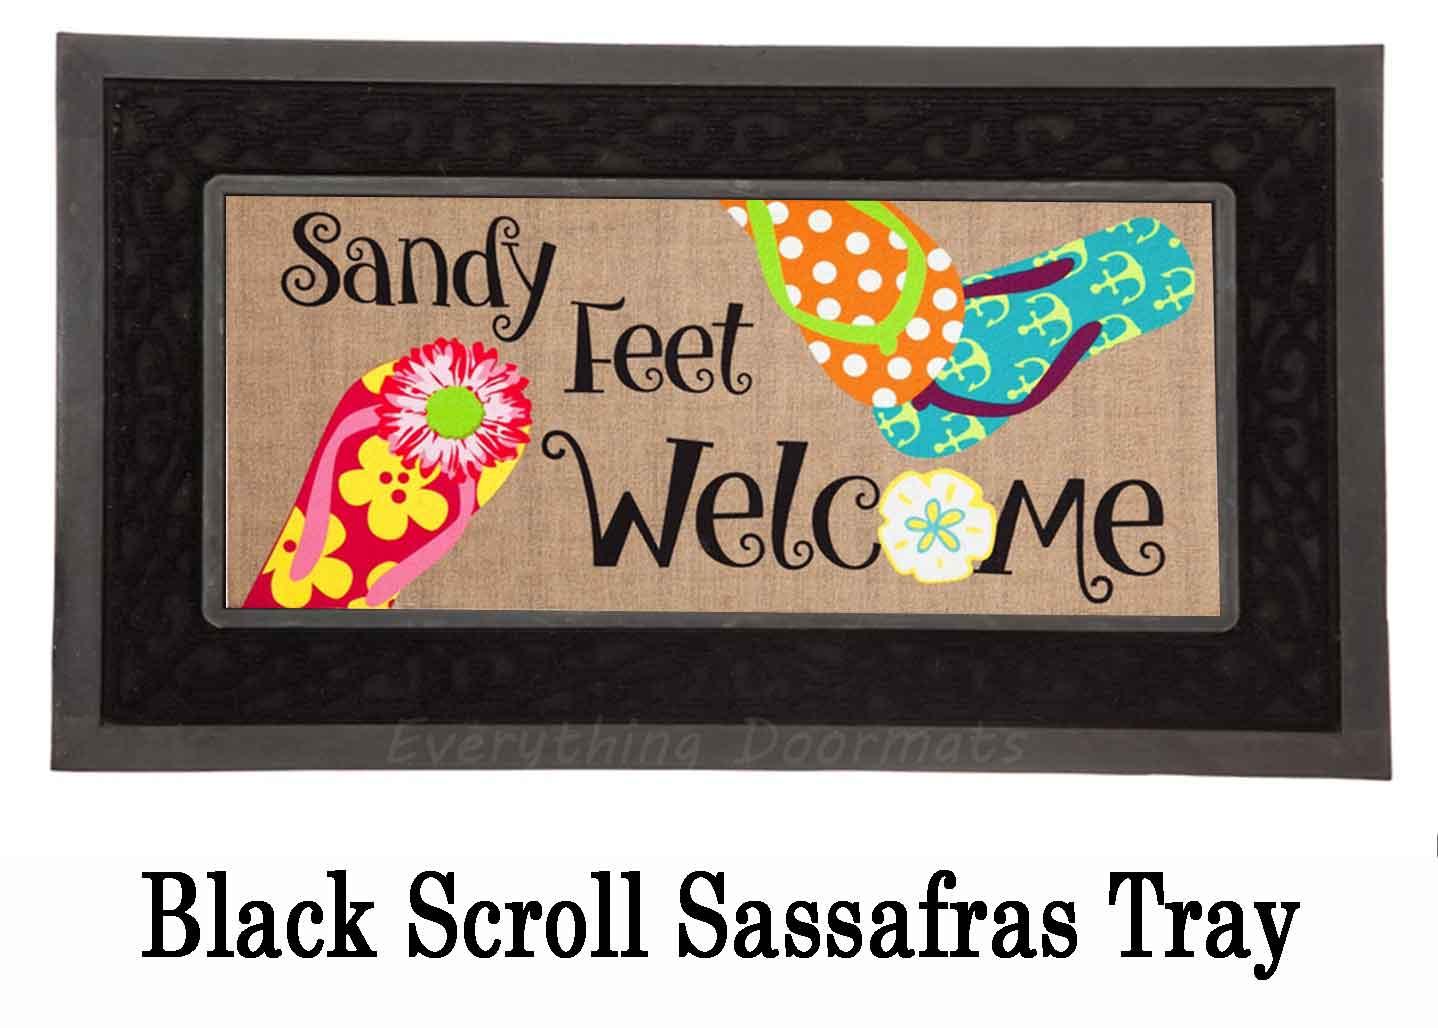 Sassafras Sandy Feet Mat 10 X 22 Insert Doormat